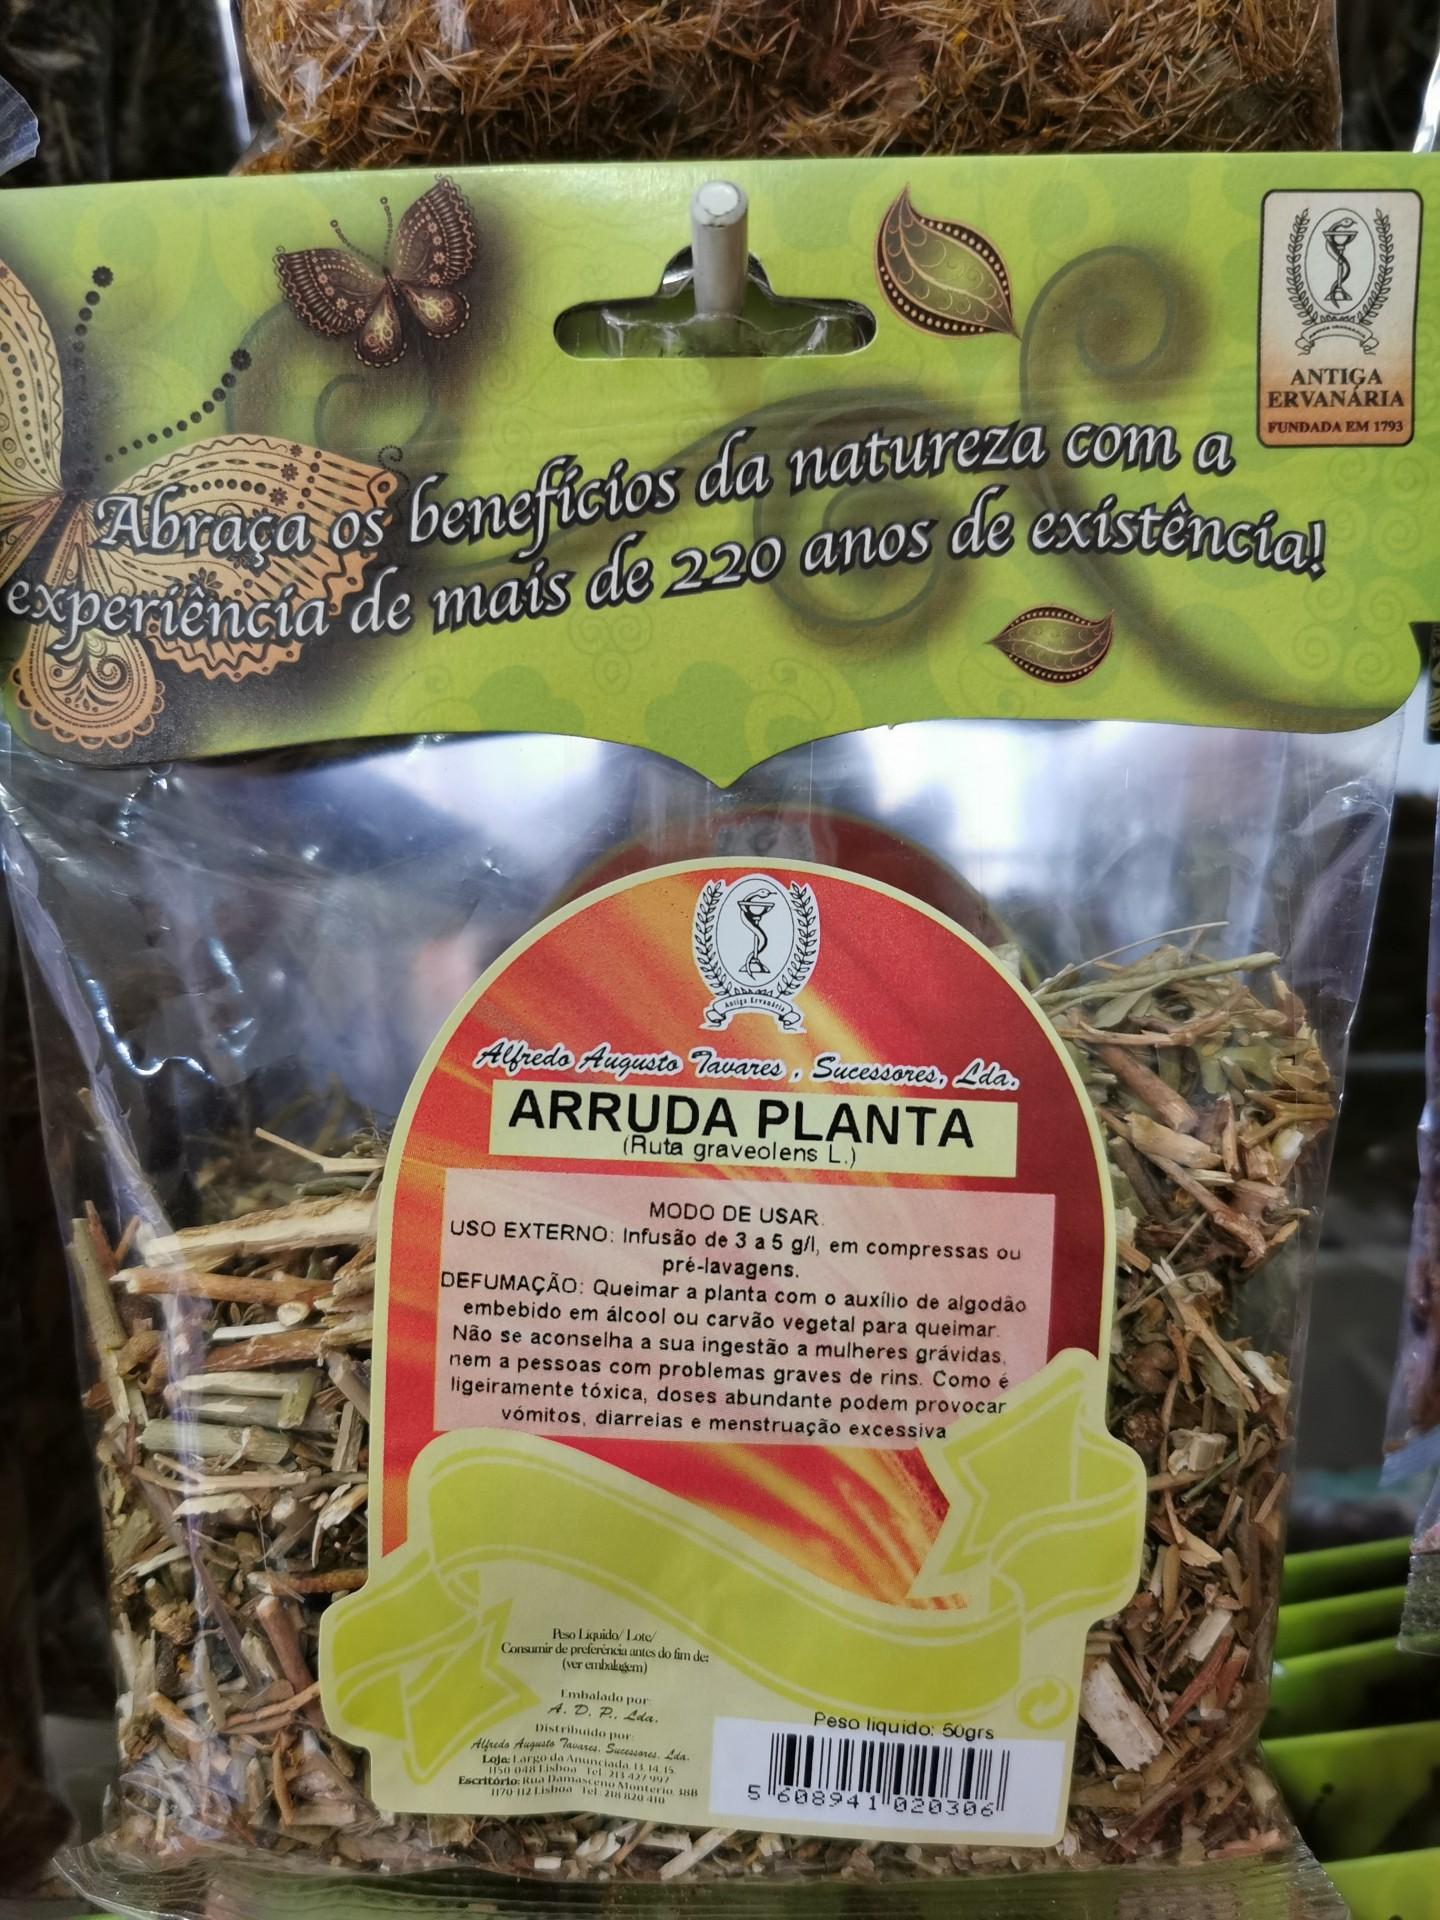 Arruda planta 50 gr